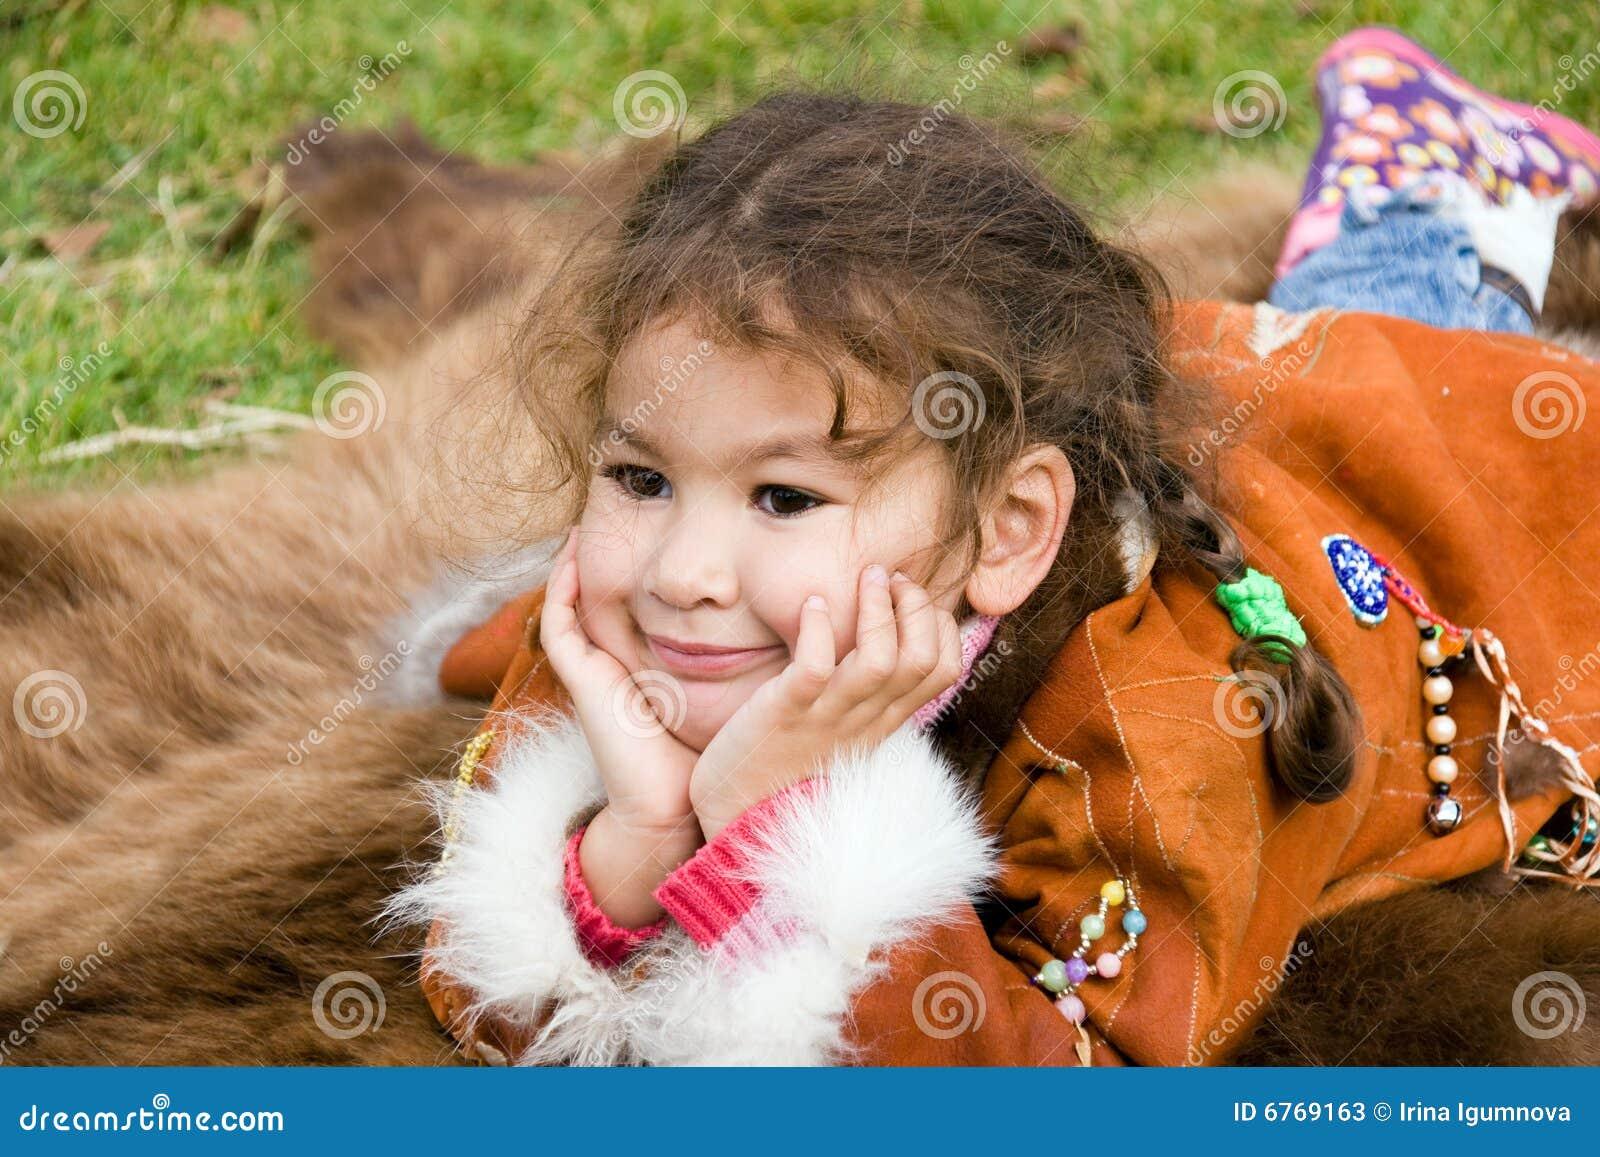 Фото красивых девушек чукчей 1 фотография